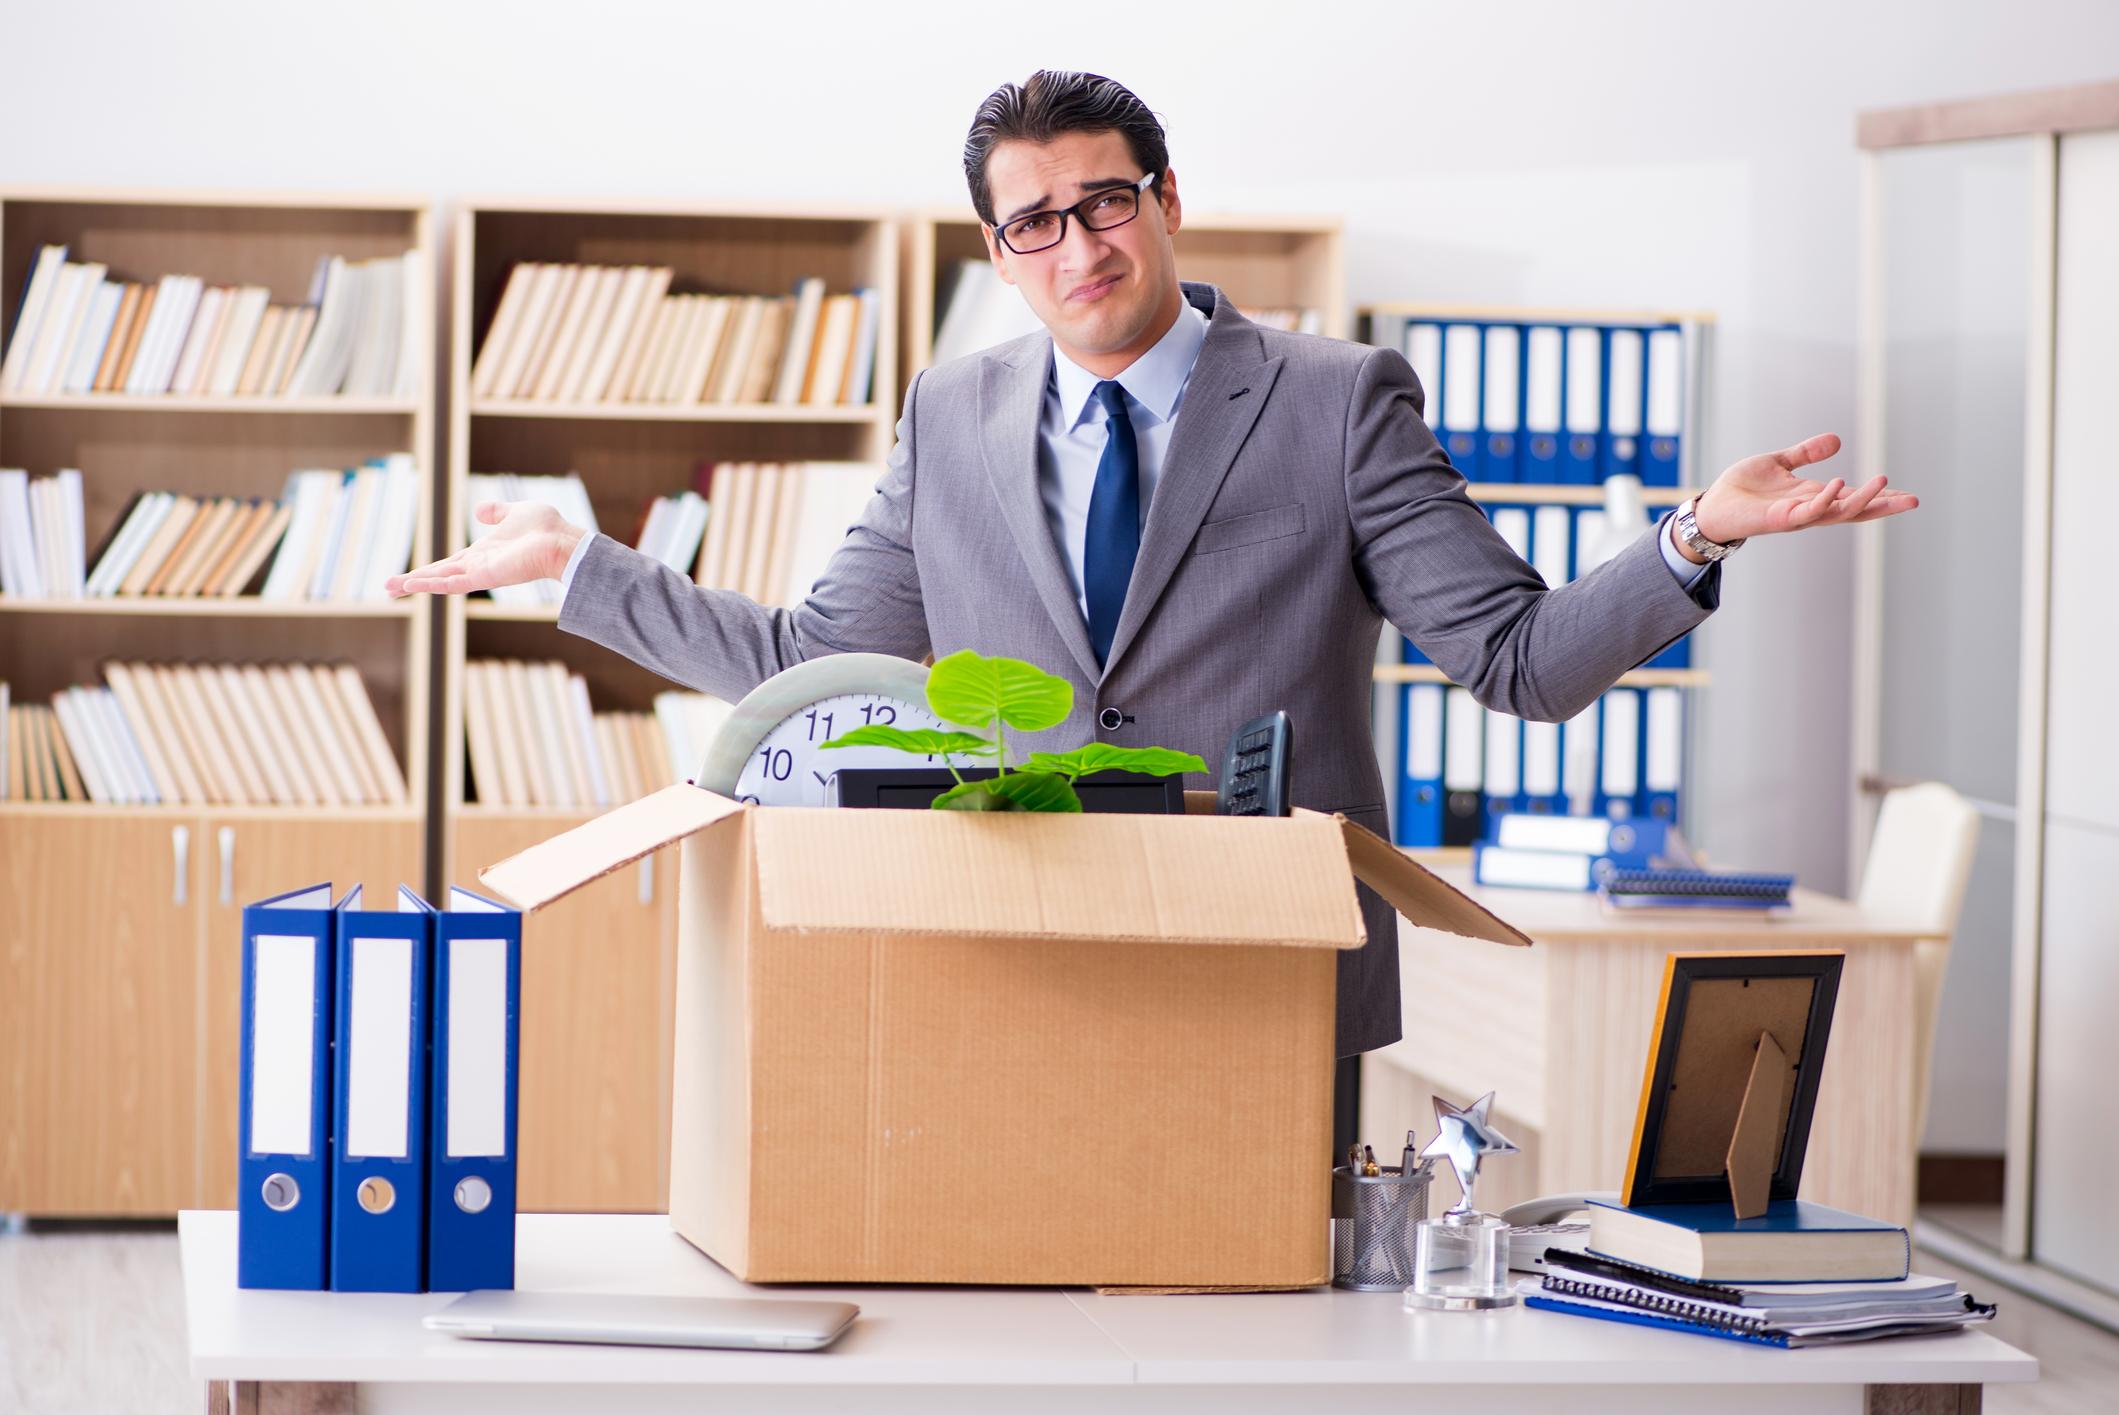 onstlag nemen bij een nieuwe job is geen goed idee